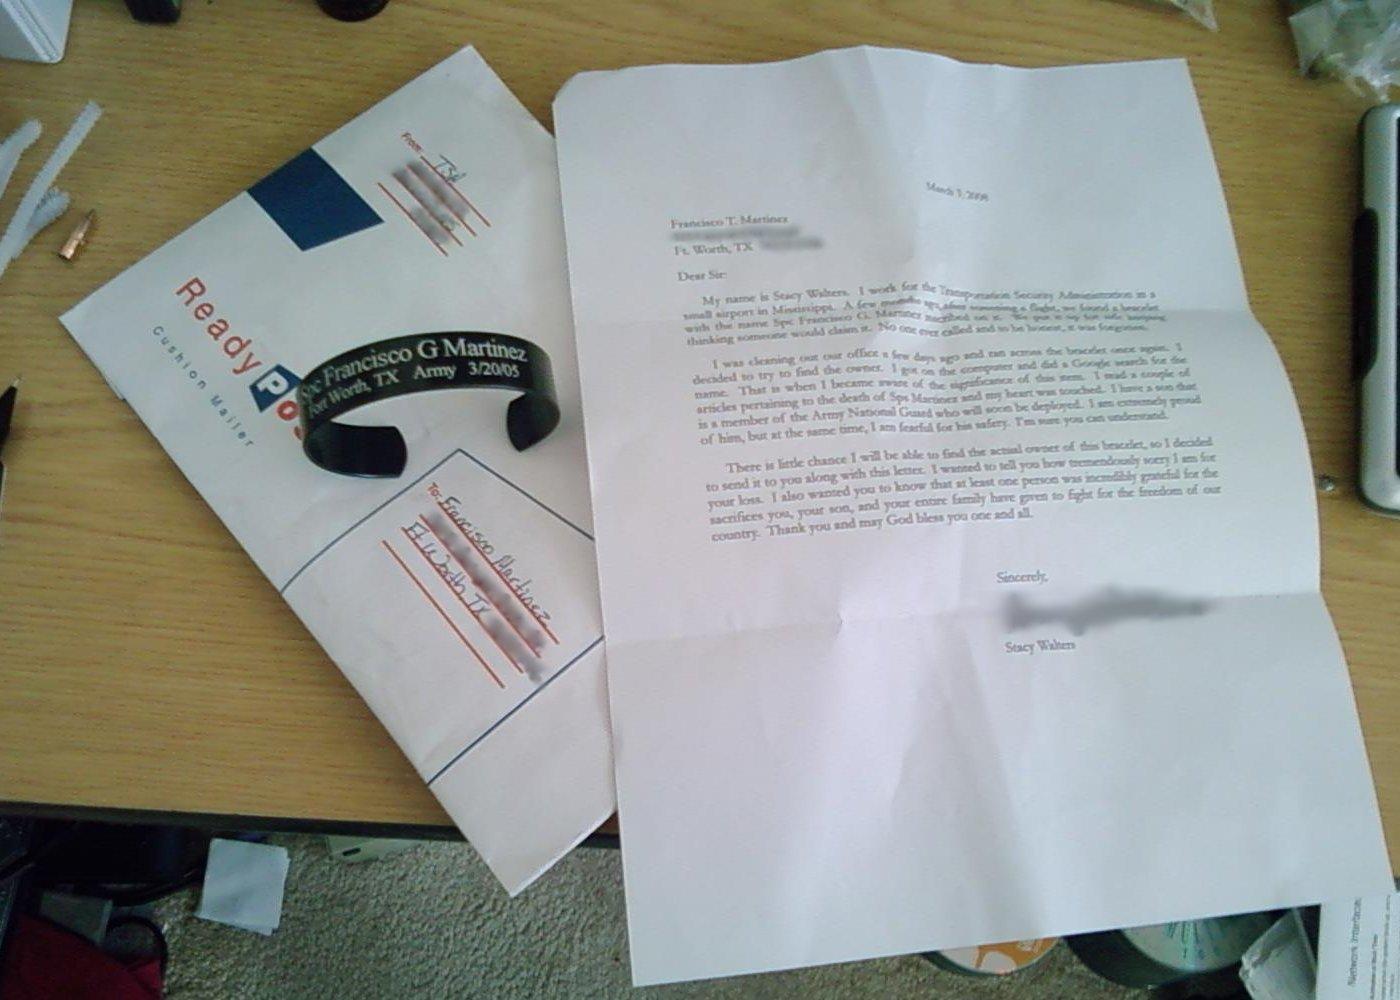 Bracelet and Letter Image